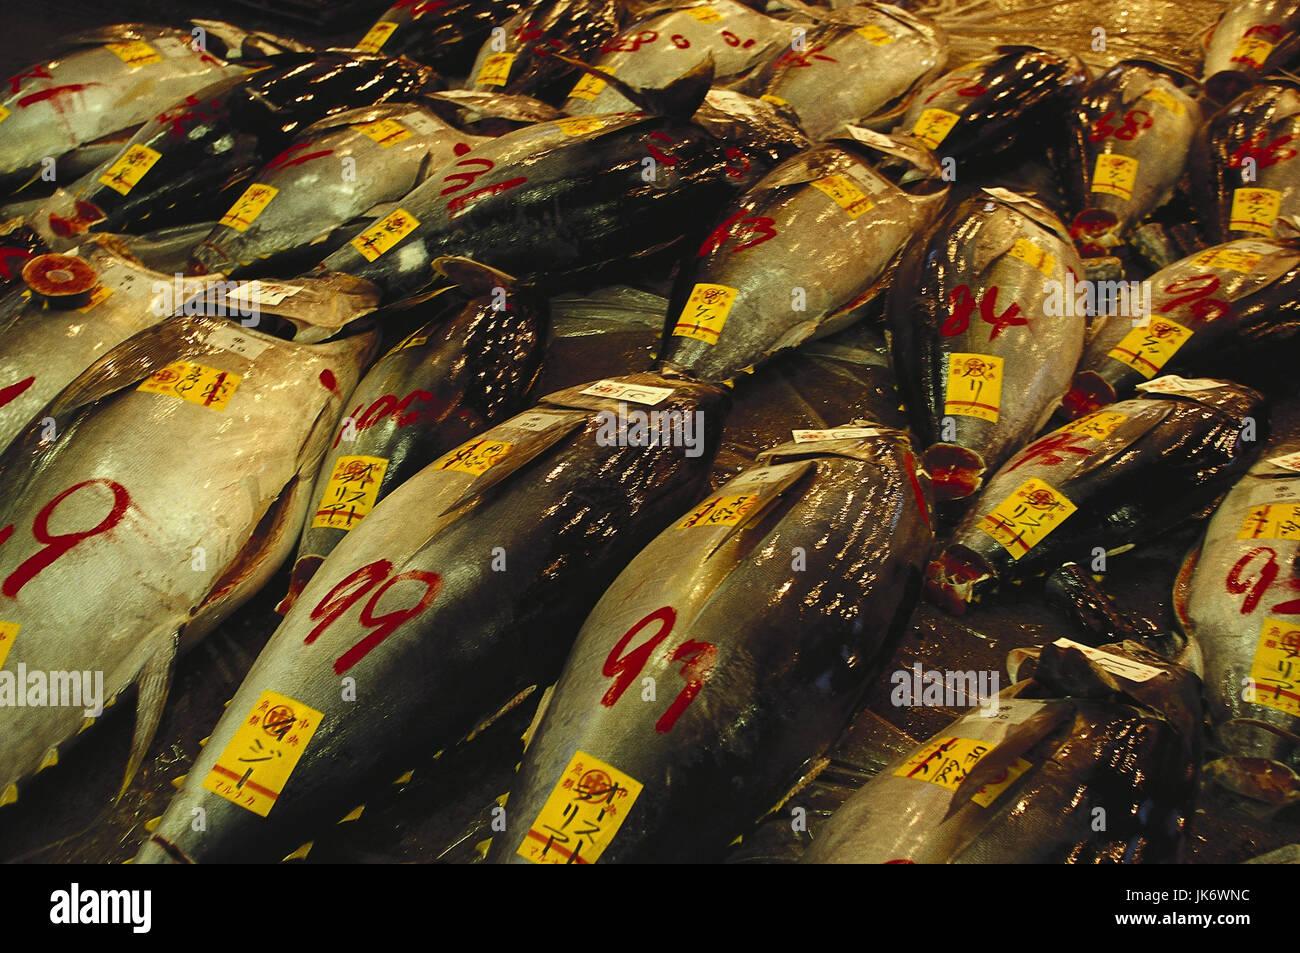 Japan, Tokio, Tsujiki, Fischmarkt, Thunfisch, frisch  Wirtschaft, Markt, Fische, Verkauf, verkaufen, Tokyo-to, Honshu - Stock Image